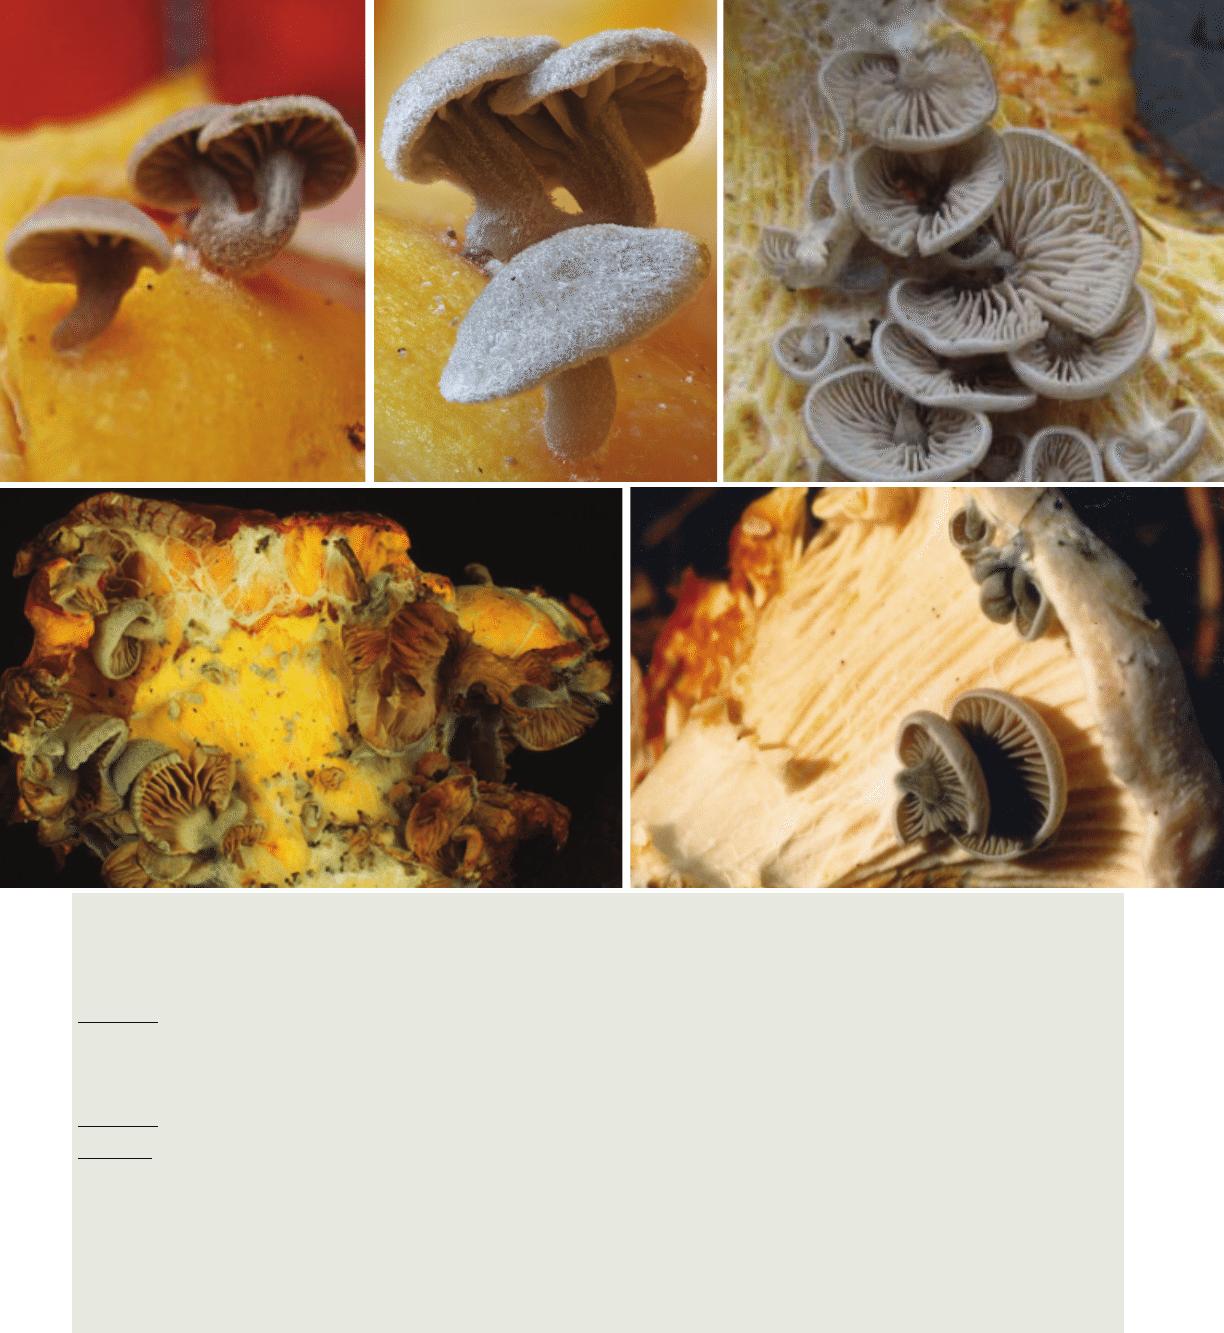 Entoloma parasiticus & E. pseudoparasiticus: Parasites or.